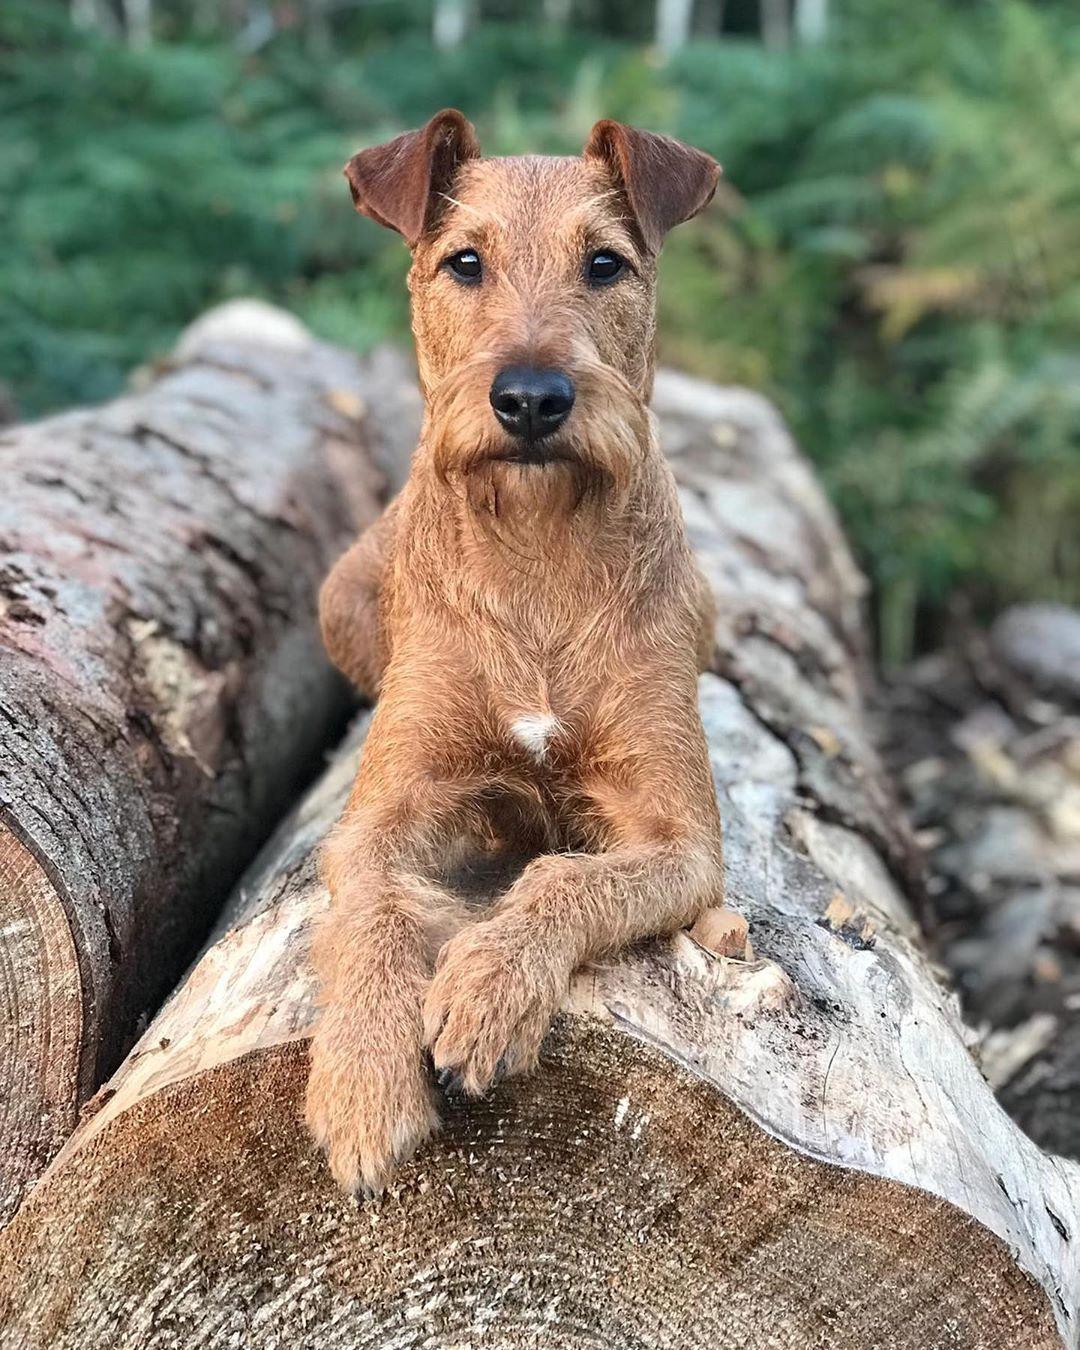 Vika On Instagram Wir Sind Gerade Auf Dem Weg Nach Hamburg Weil Wir Heute Zur Hochzeit Eingeladen Sind Irish Terrier Wire Fox Terrier Lakeland Terrier